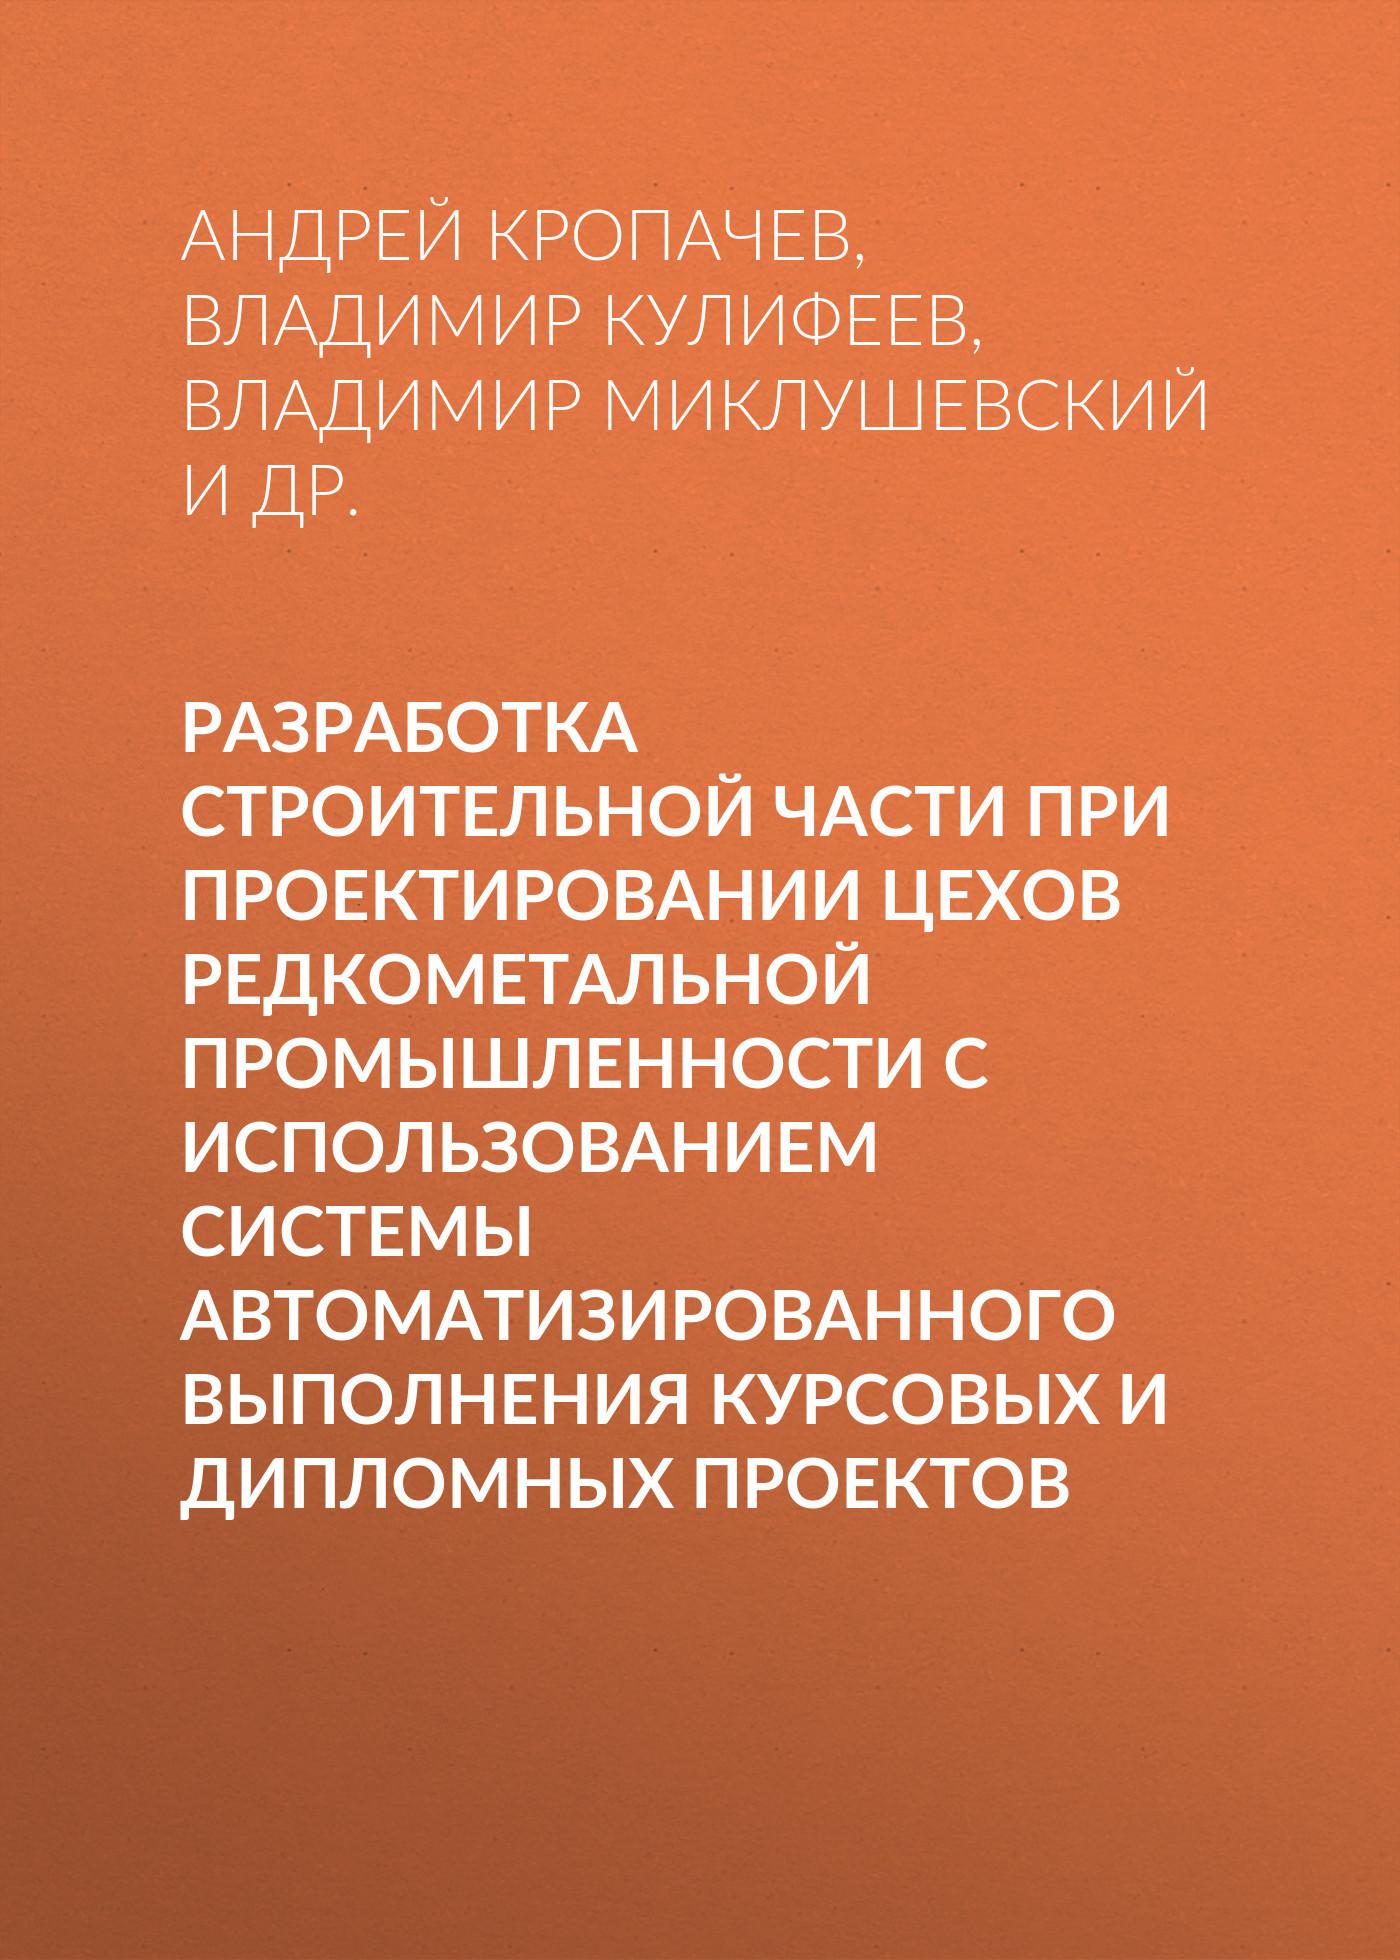 Владимир Кулифеев Разработка строительной части при проектировании цехов редкометальной промышленности с использованием системы автоматизированного выполнения курсовых и дипломных проектов оборудование литейных цехов